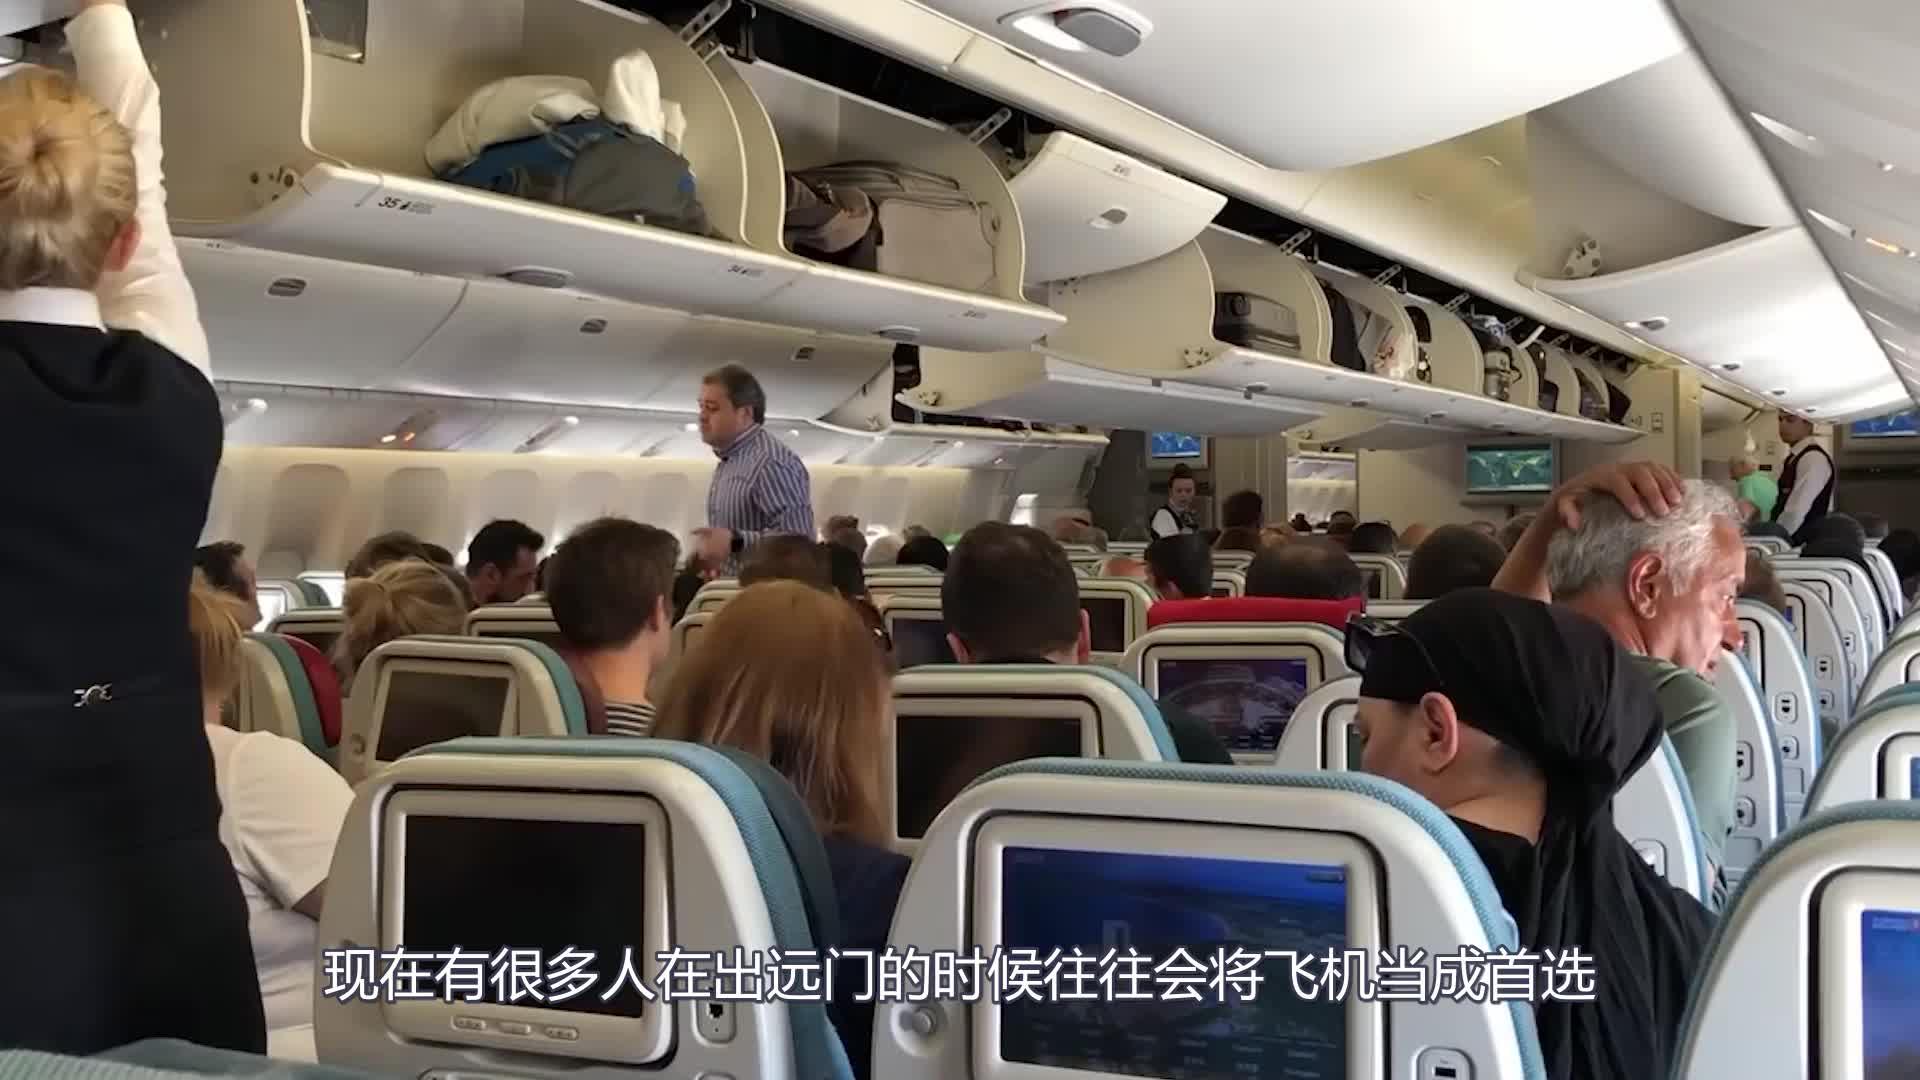 """飞机""""音爆""""威力有多大?镜头实拍飞行过程,看飞机变化不敢相信"""